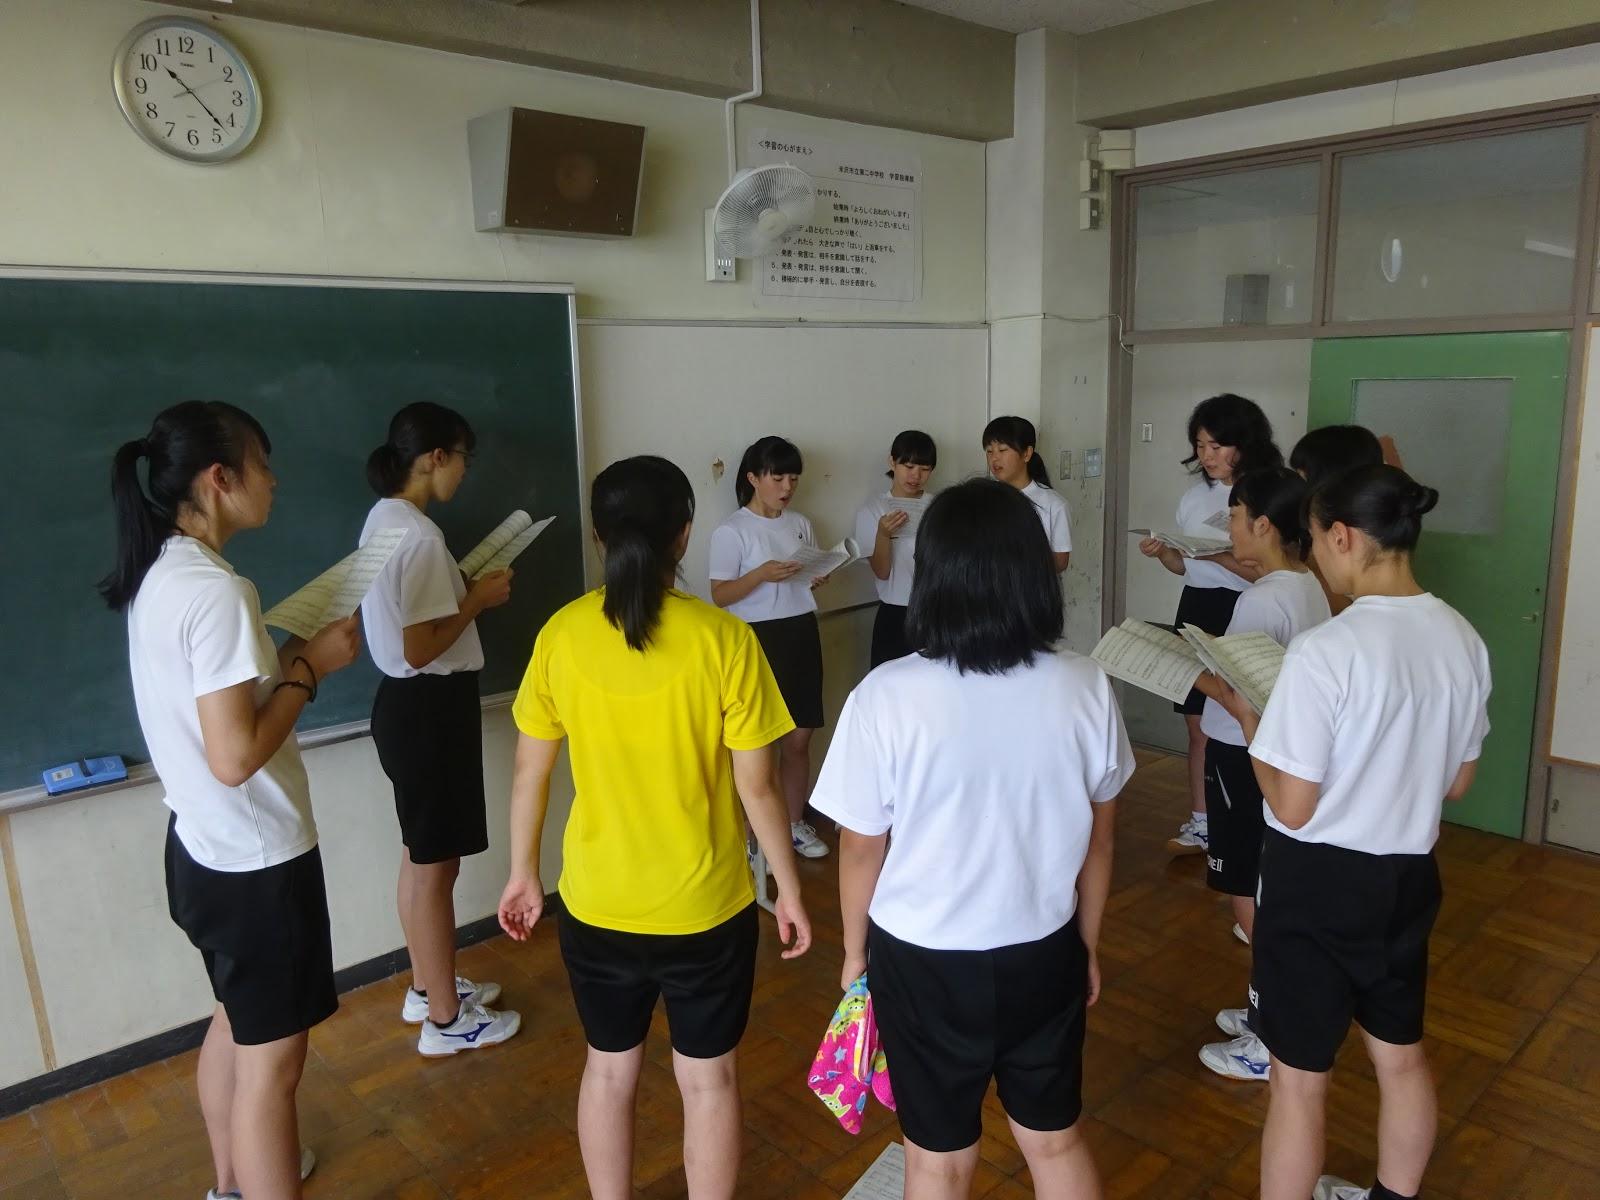 米沢二中 学校日誌